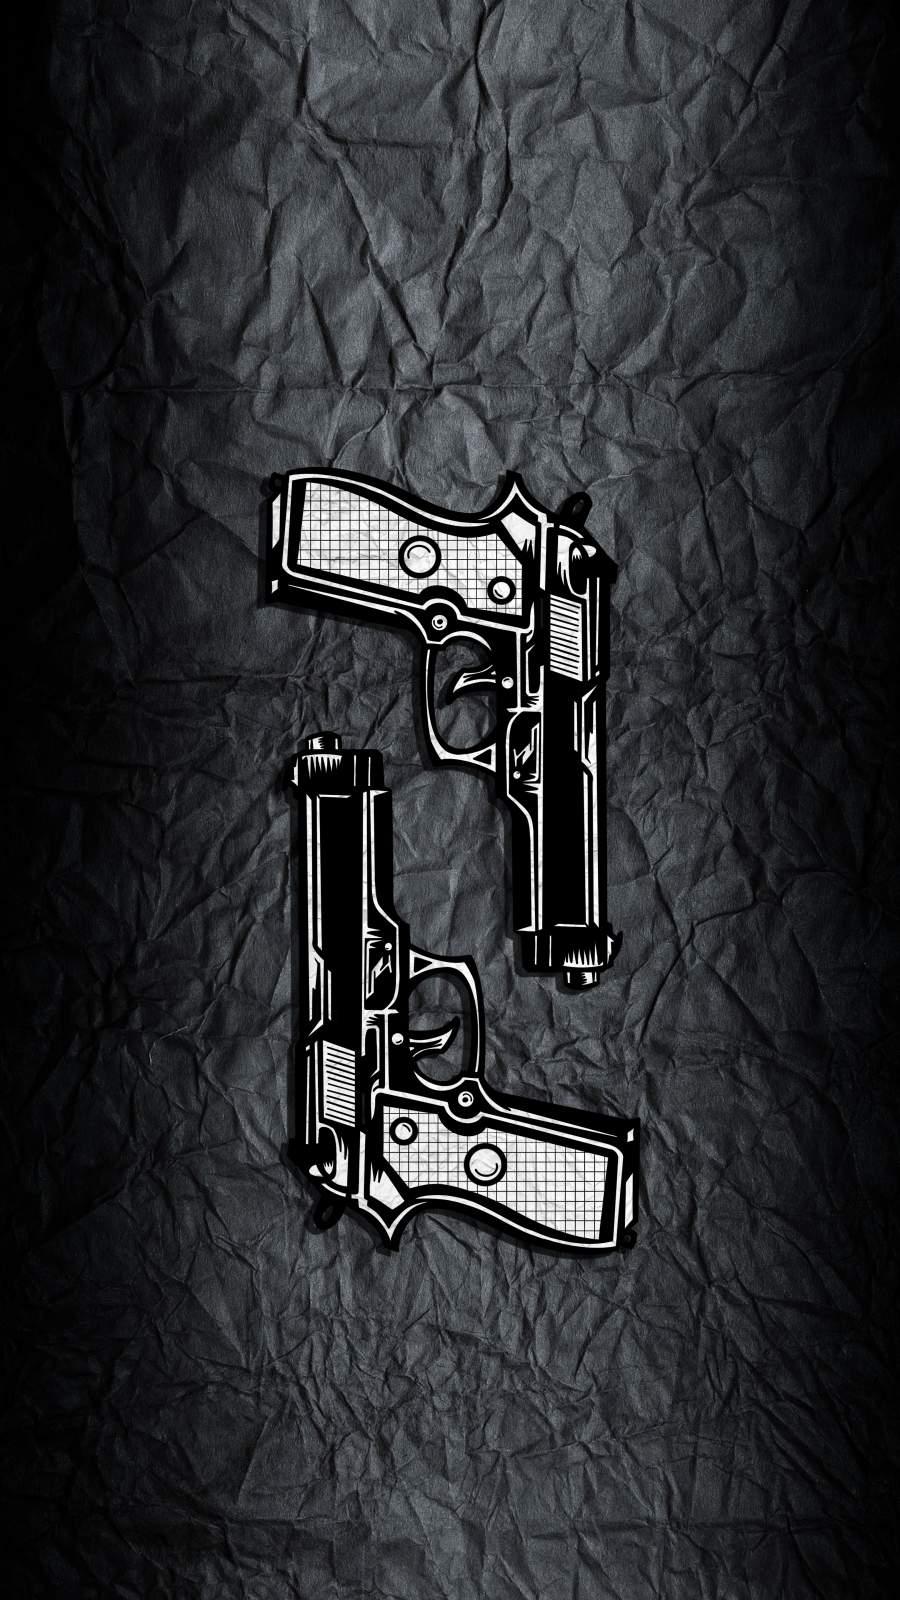 Guns Art iPhone Wallpaper